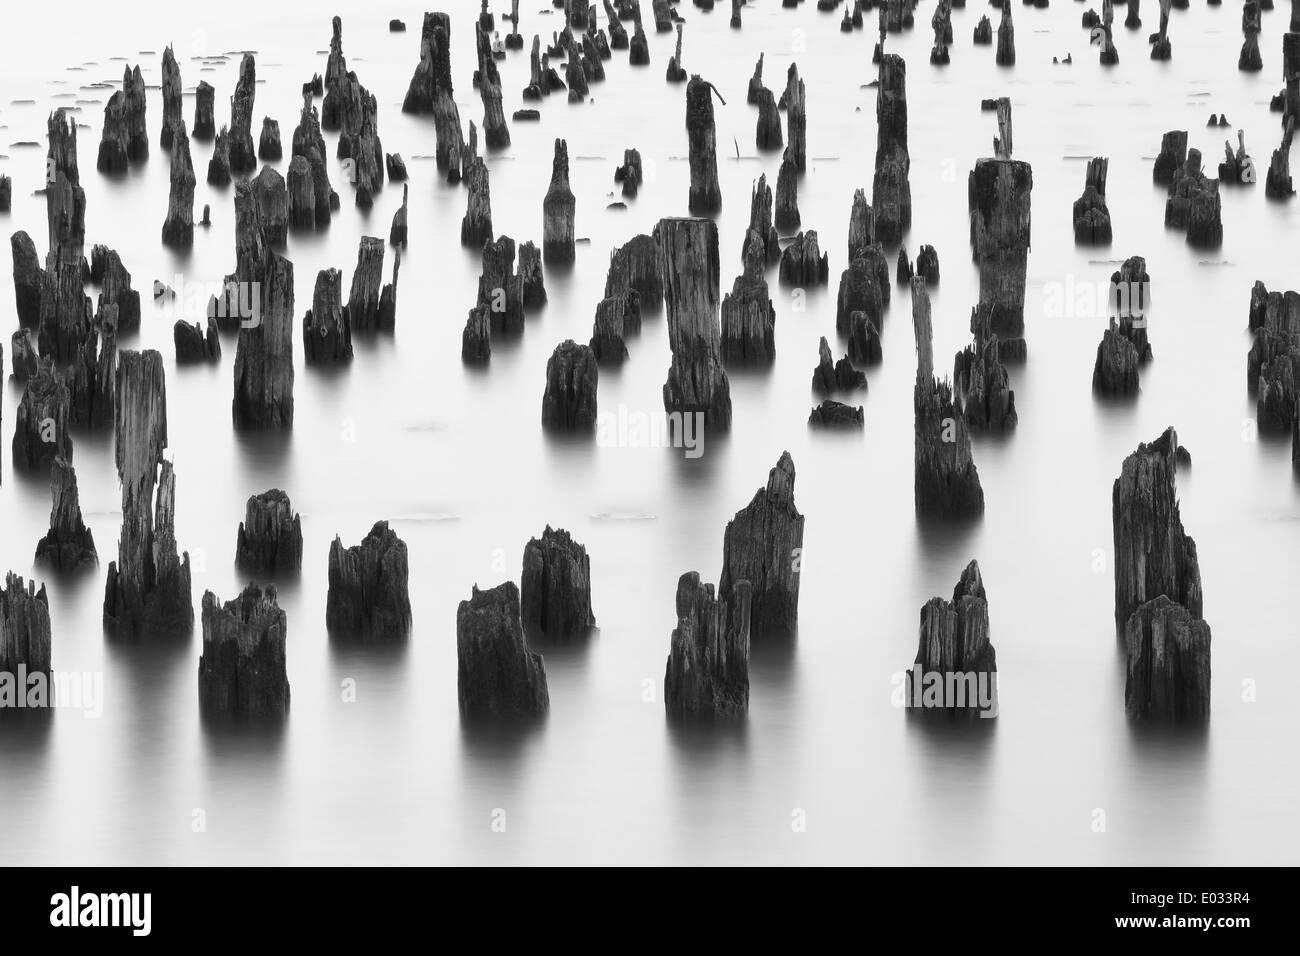 Viejos postes de madera en el agua, exposición larga Imagen De Stock